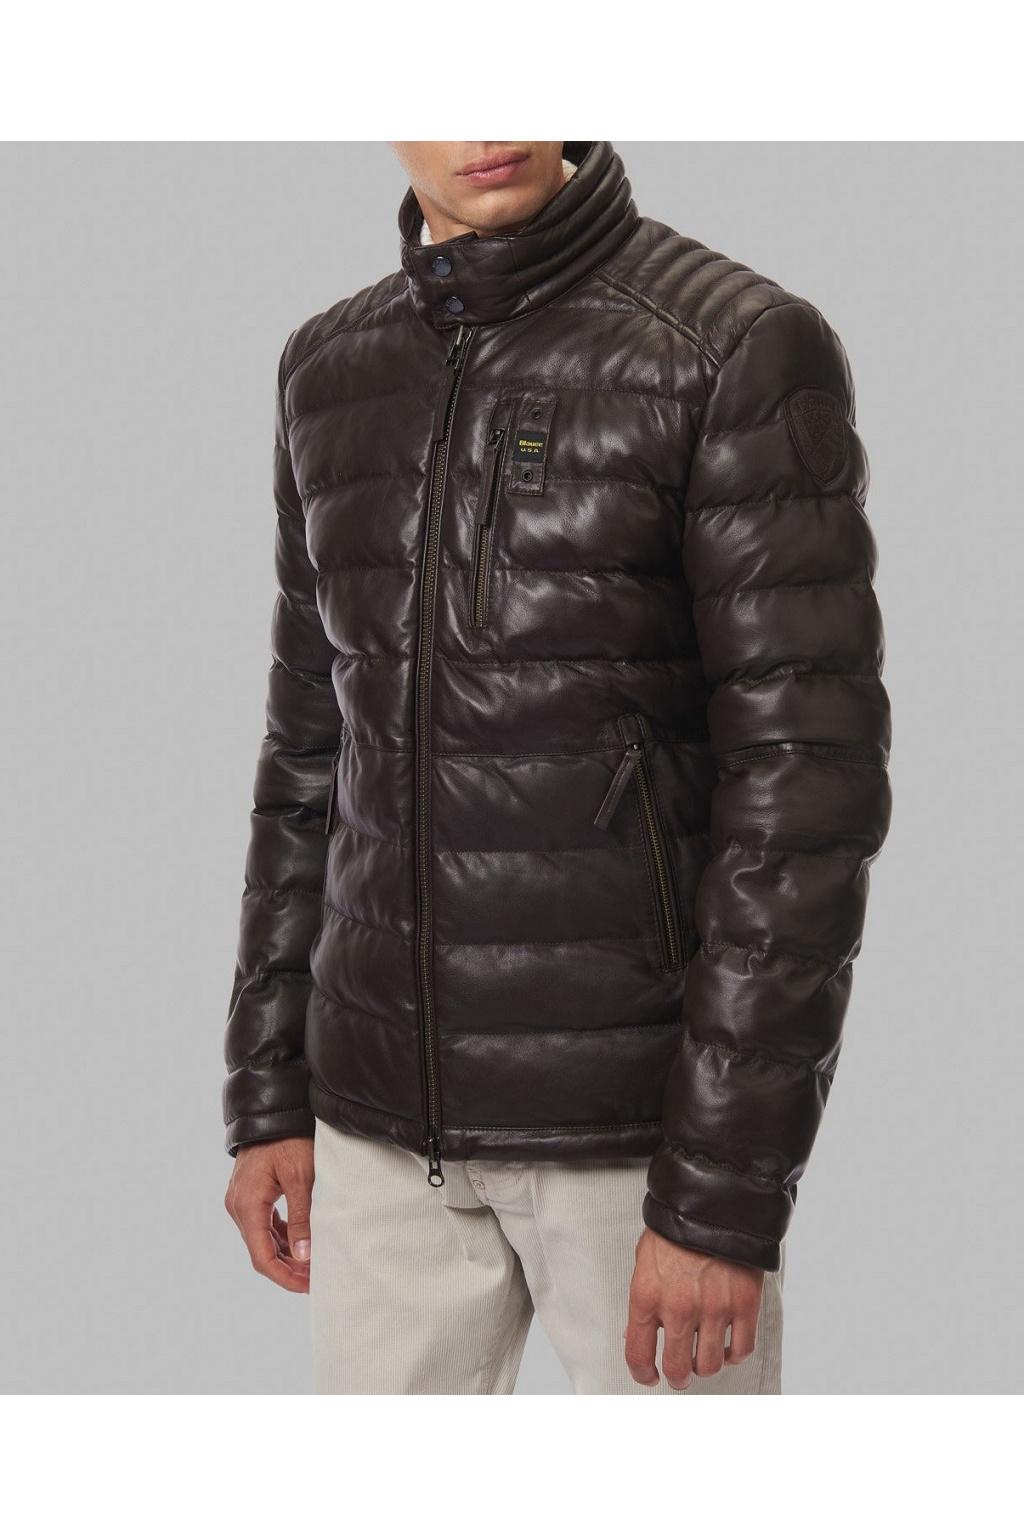 Pánská kožená bunda Blauer 21WBLUL01183 hnědá